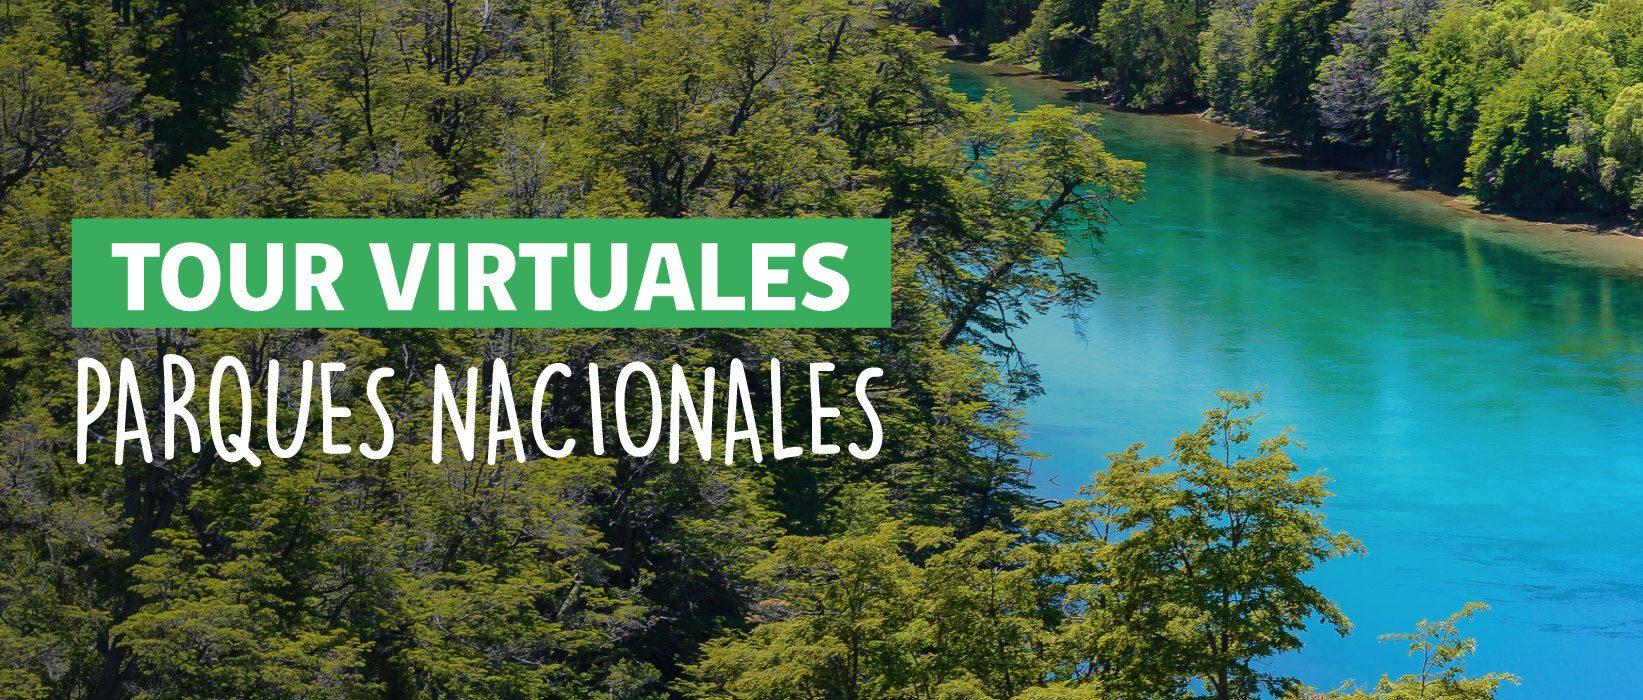 gráfica tour virtuales parques nacionales